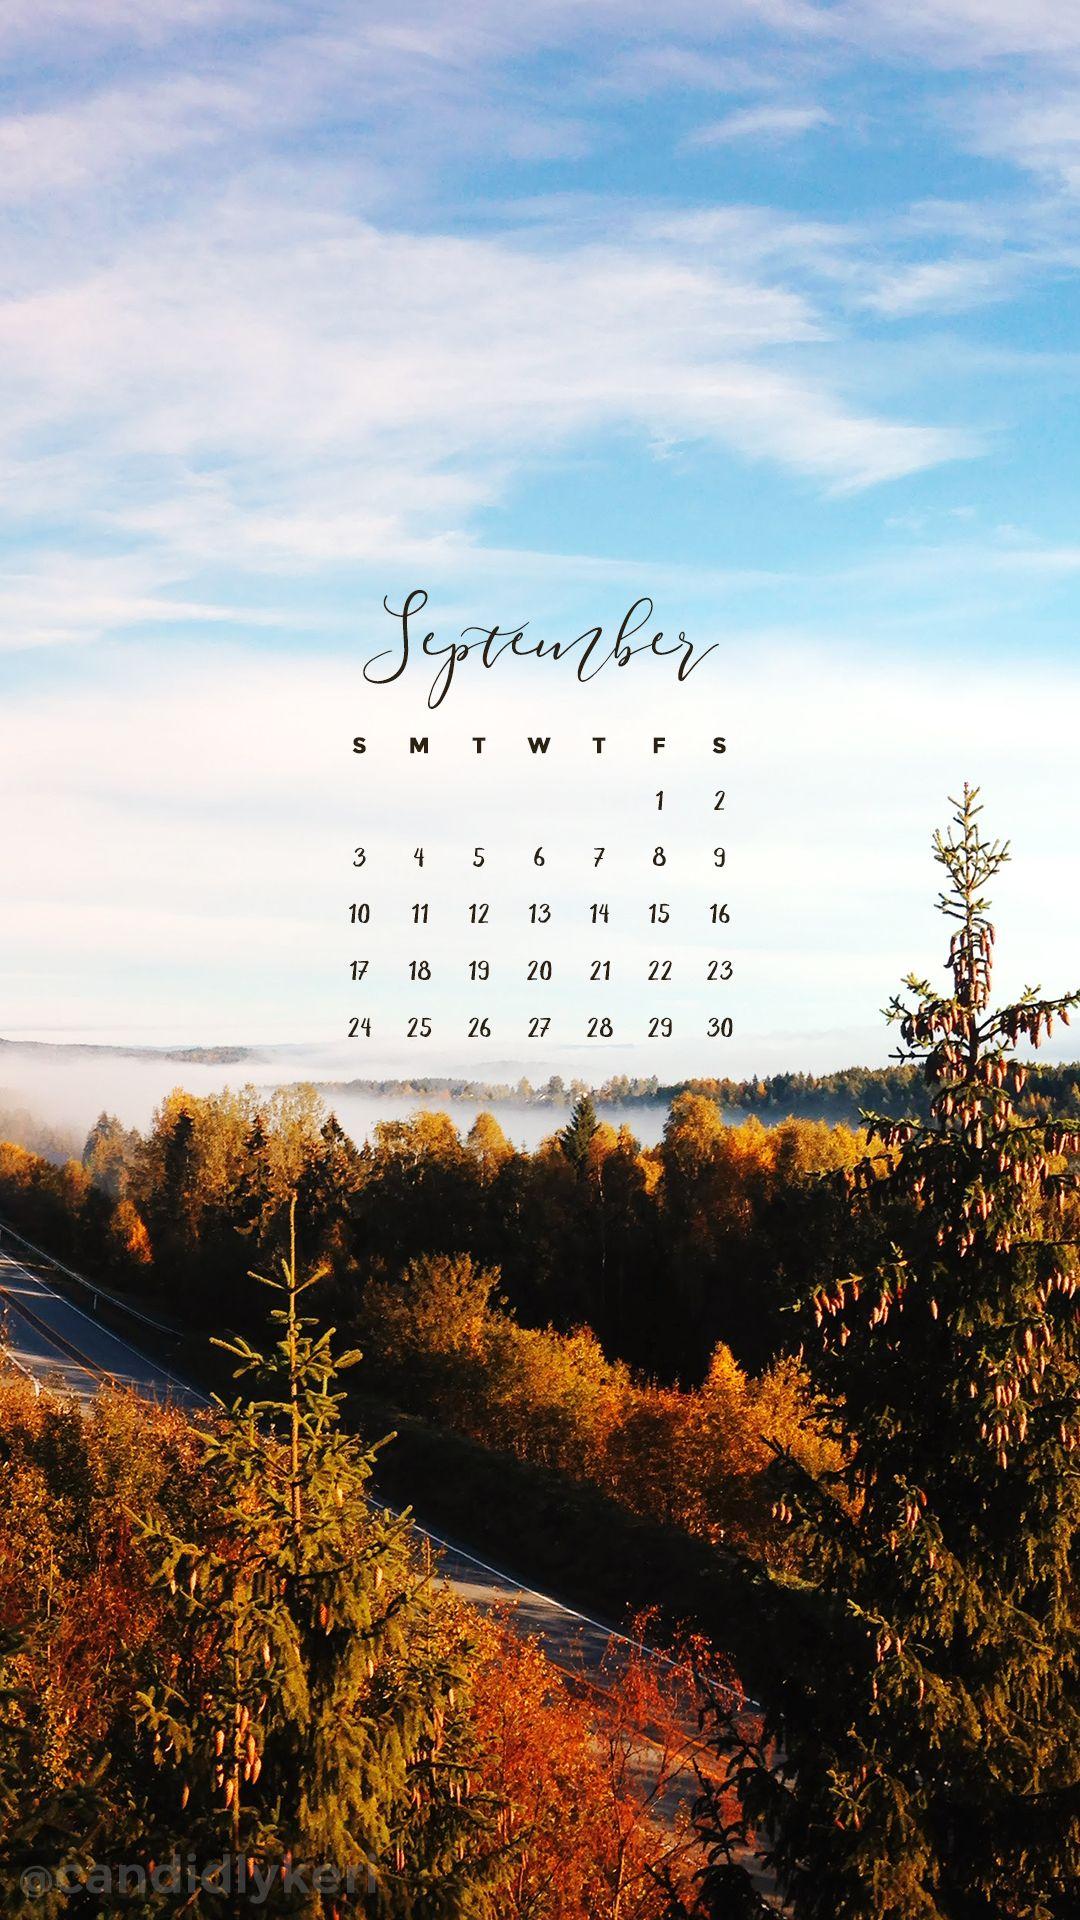 2017 September11m Jpg September Wallpaper Calendar Wallpaper Fall Wallpaper Tumblr